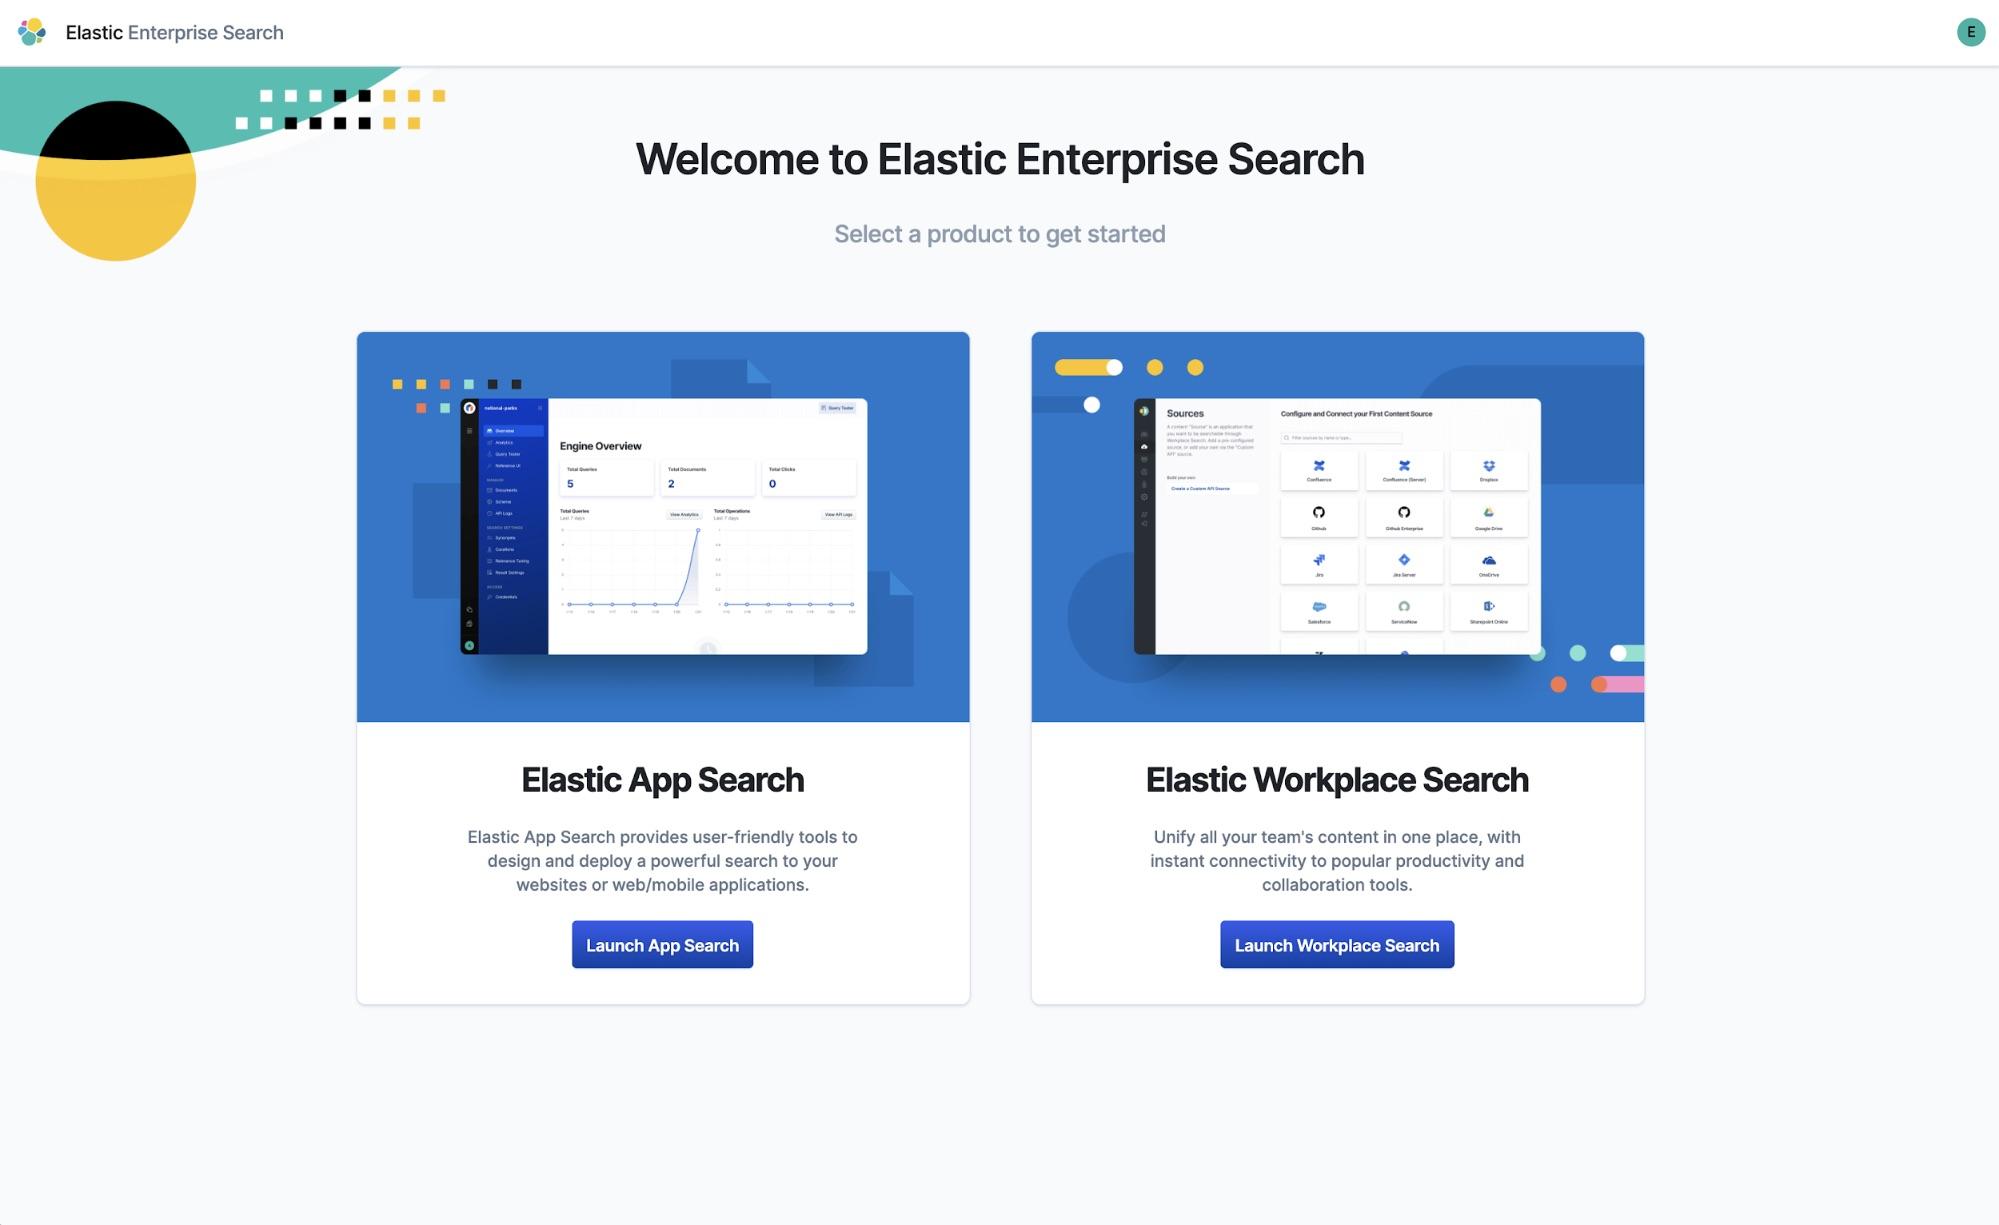 Cliquez sur Launch Workplace Search (Lancer Workplace Search) pour commencer la création de votre déploiement